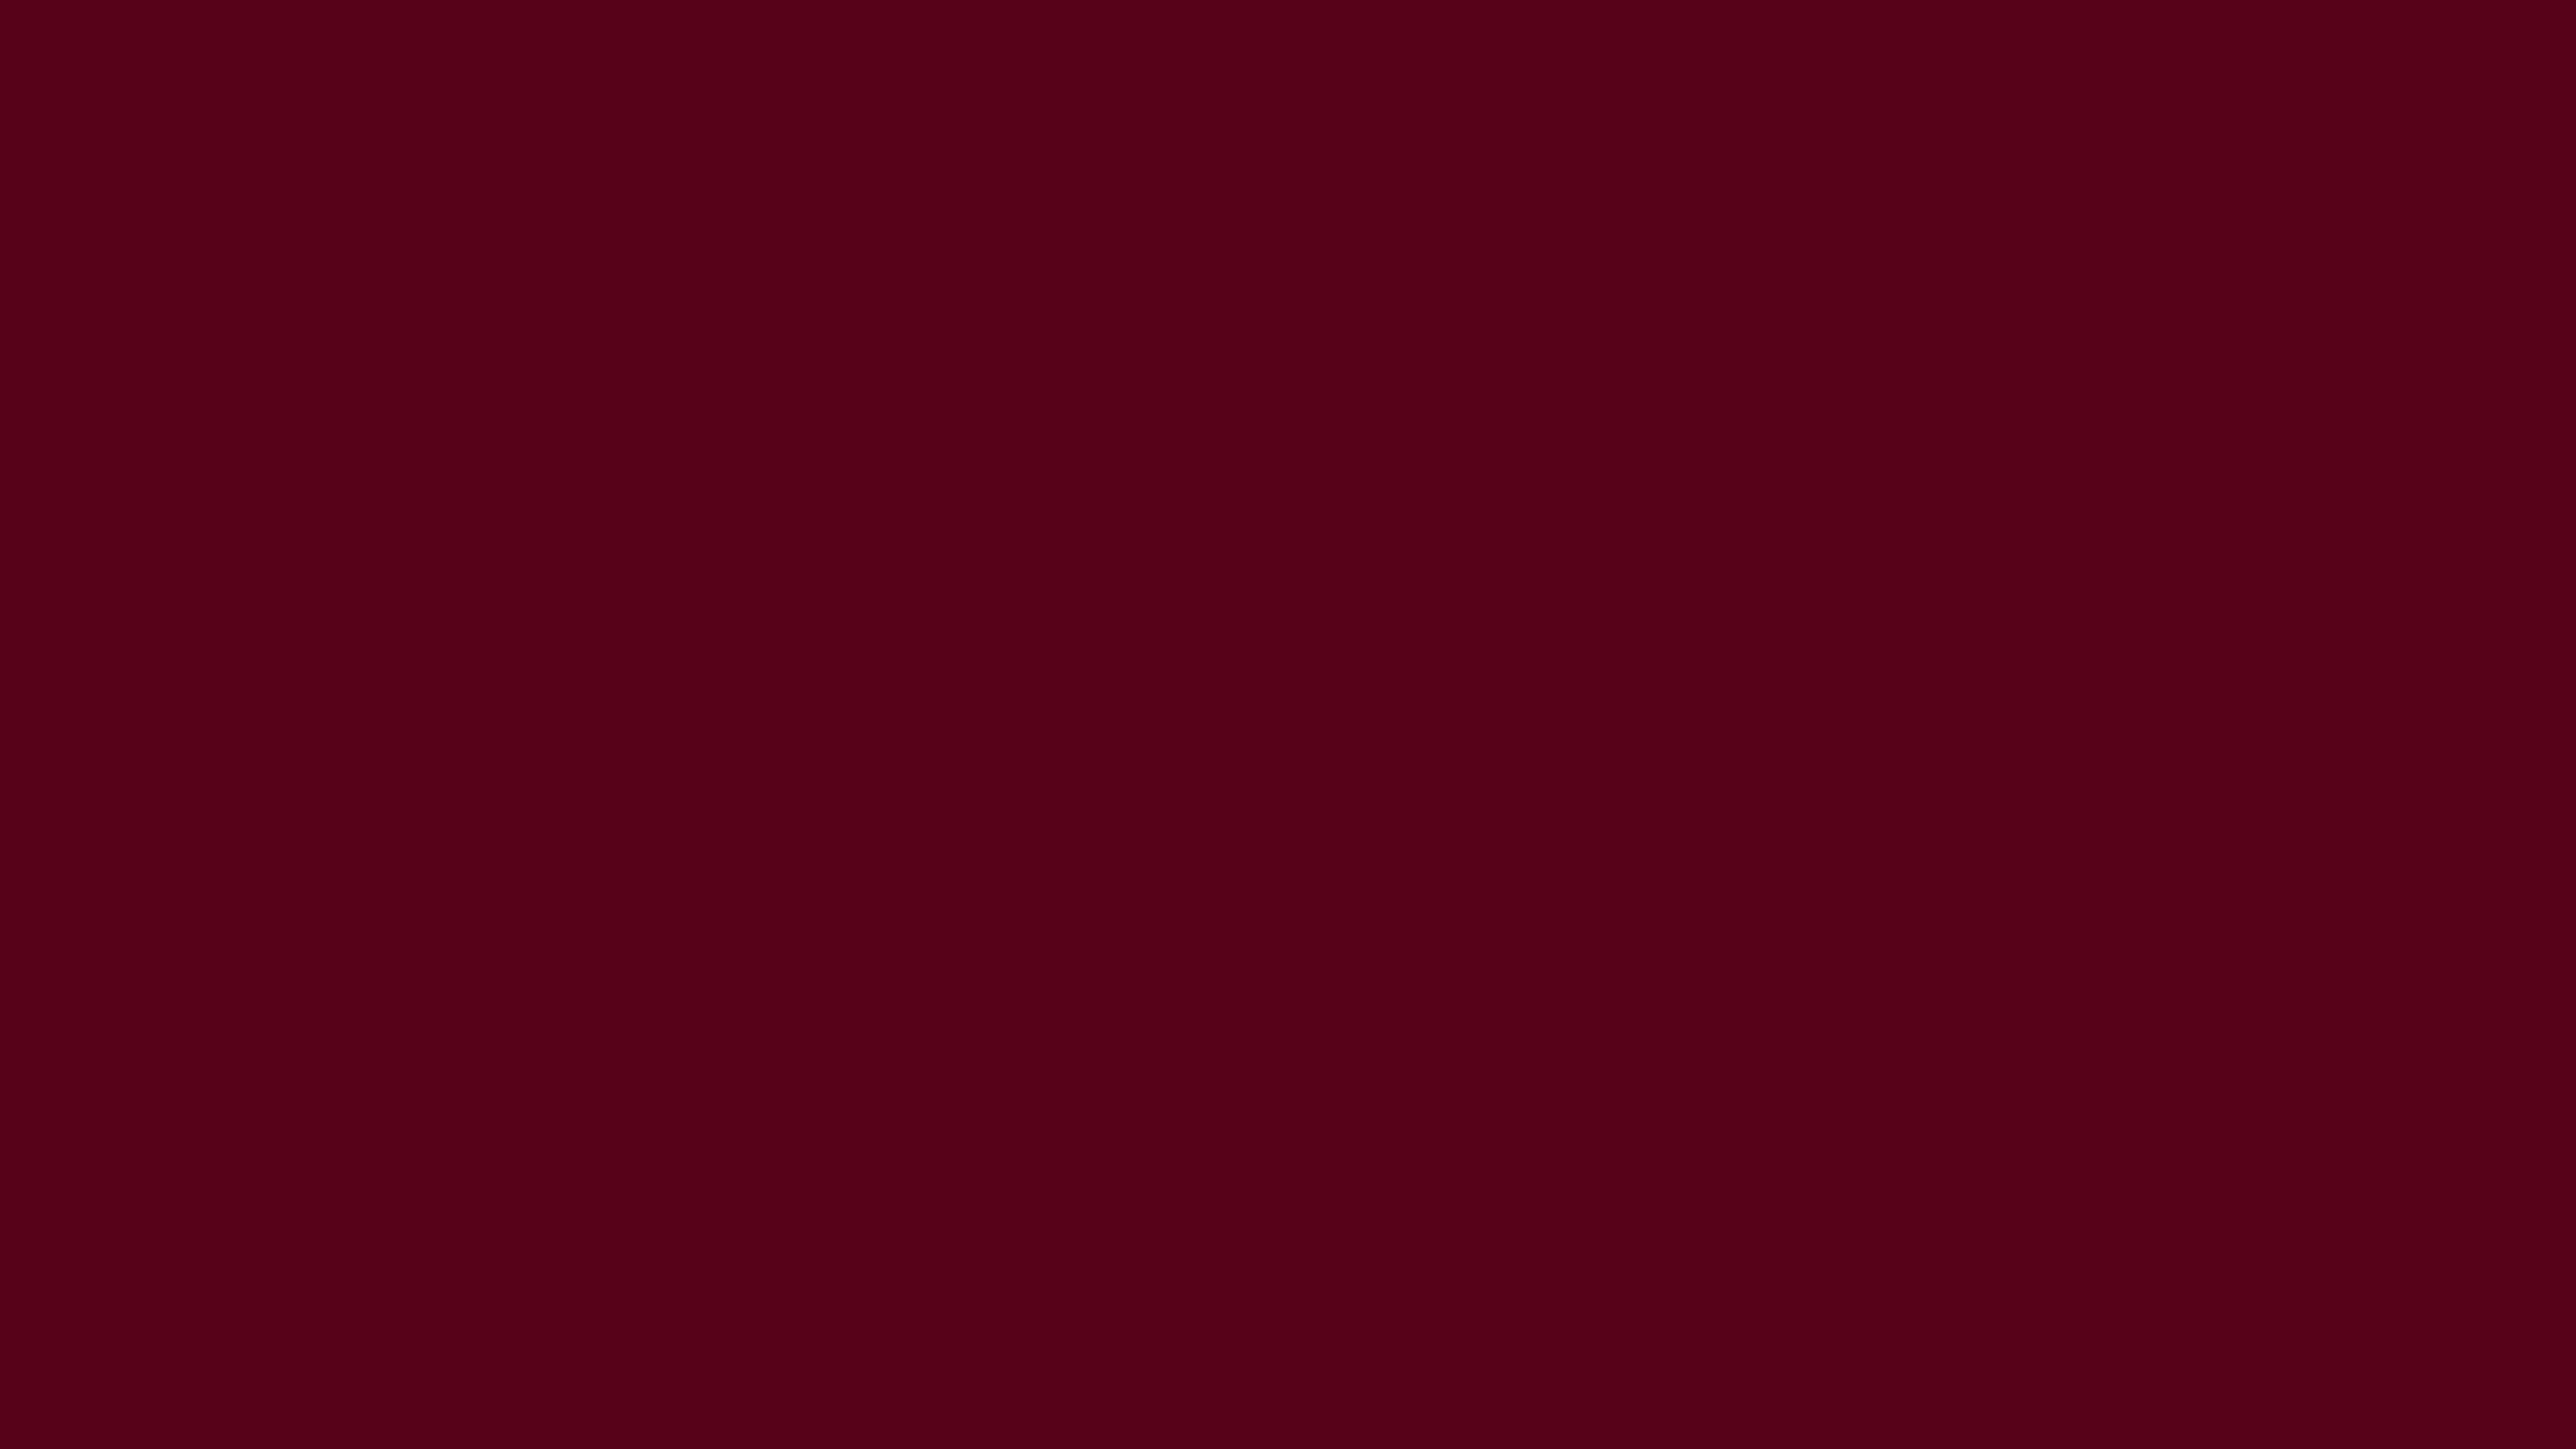 7680x4320 Dark Scarlet Solid Color Background